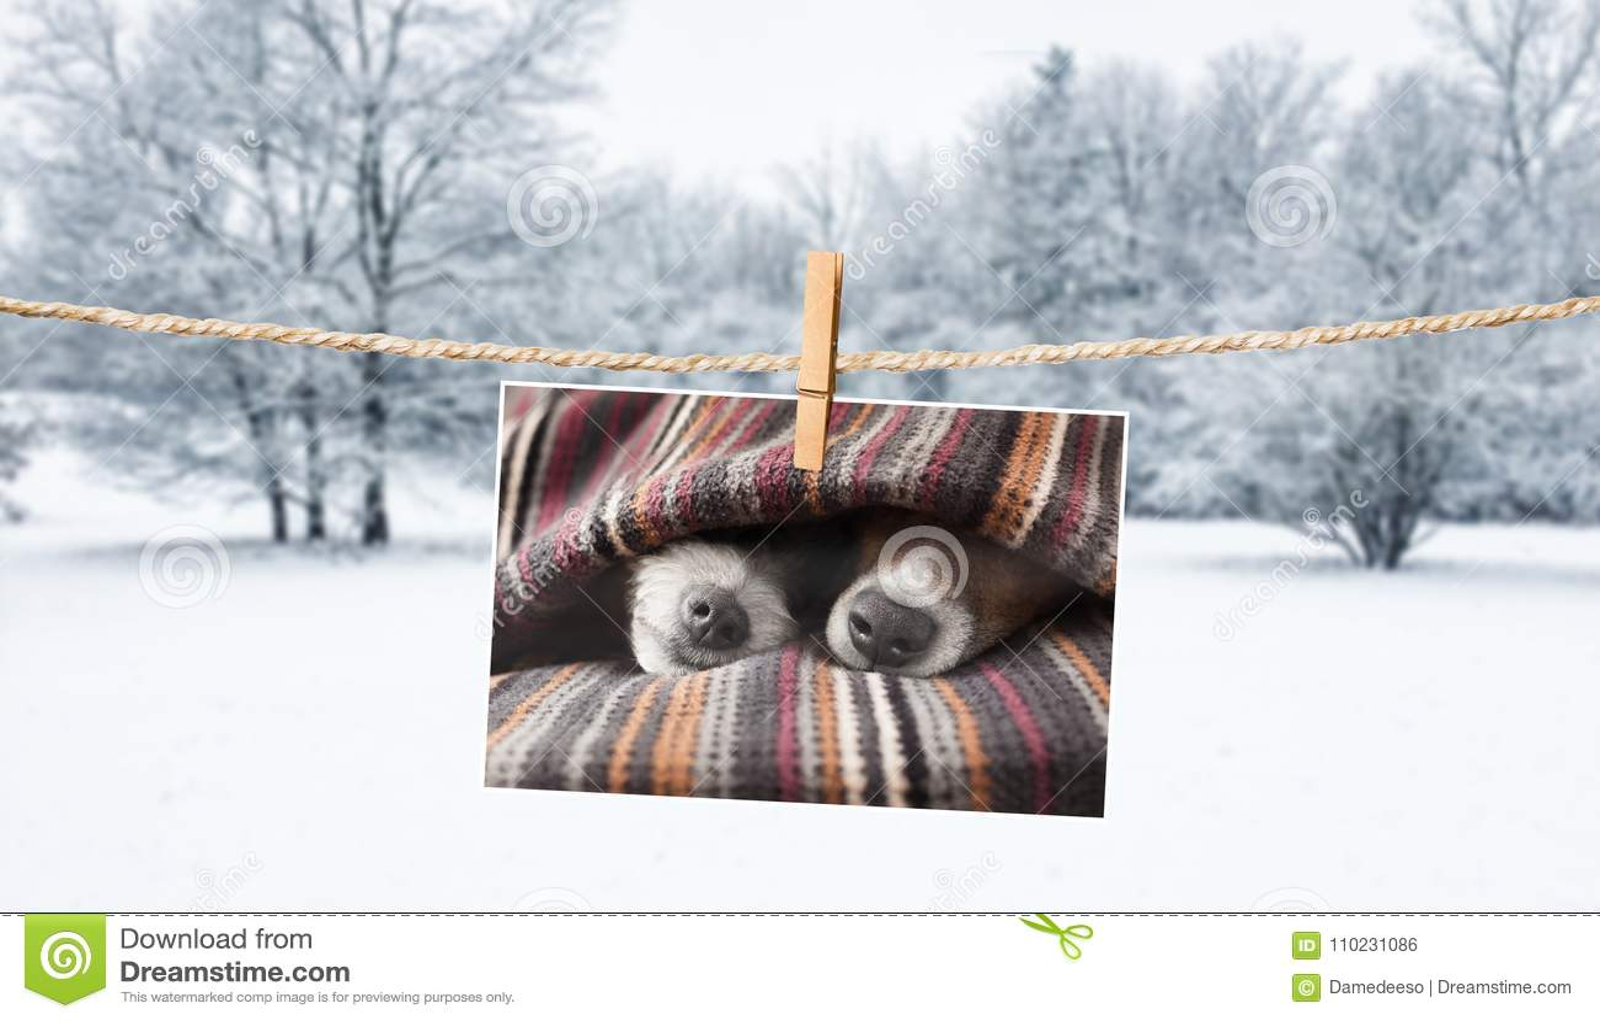 Photo mignonne des chiens sur la ficelle en hiver